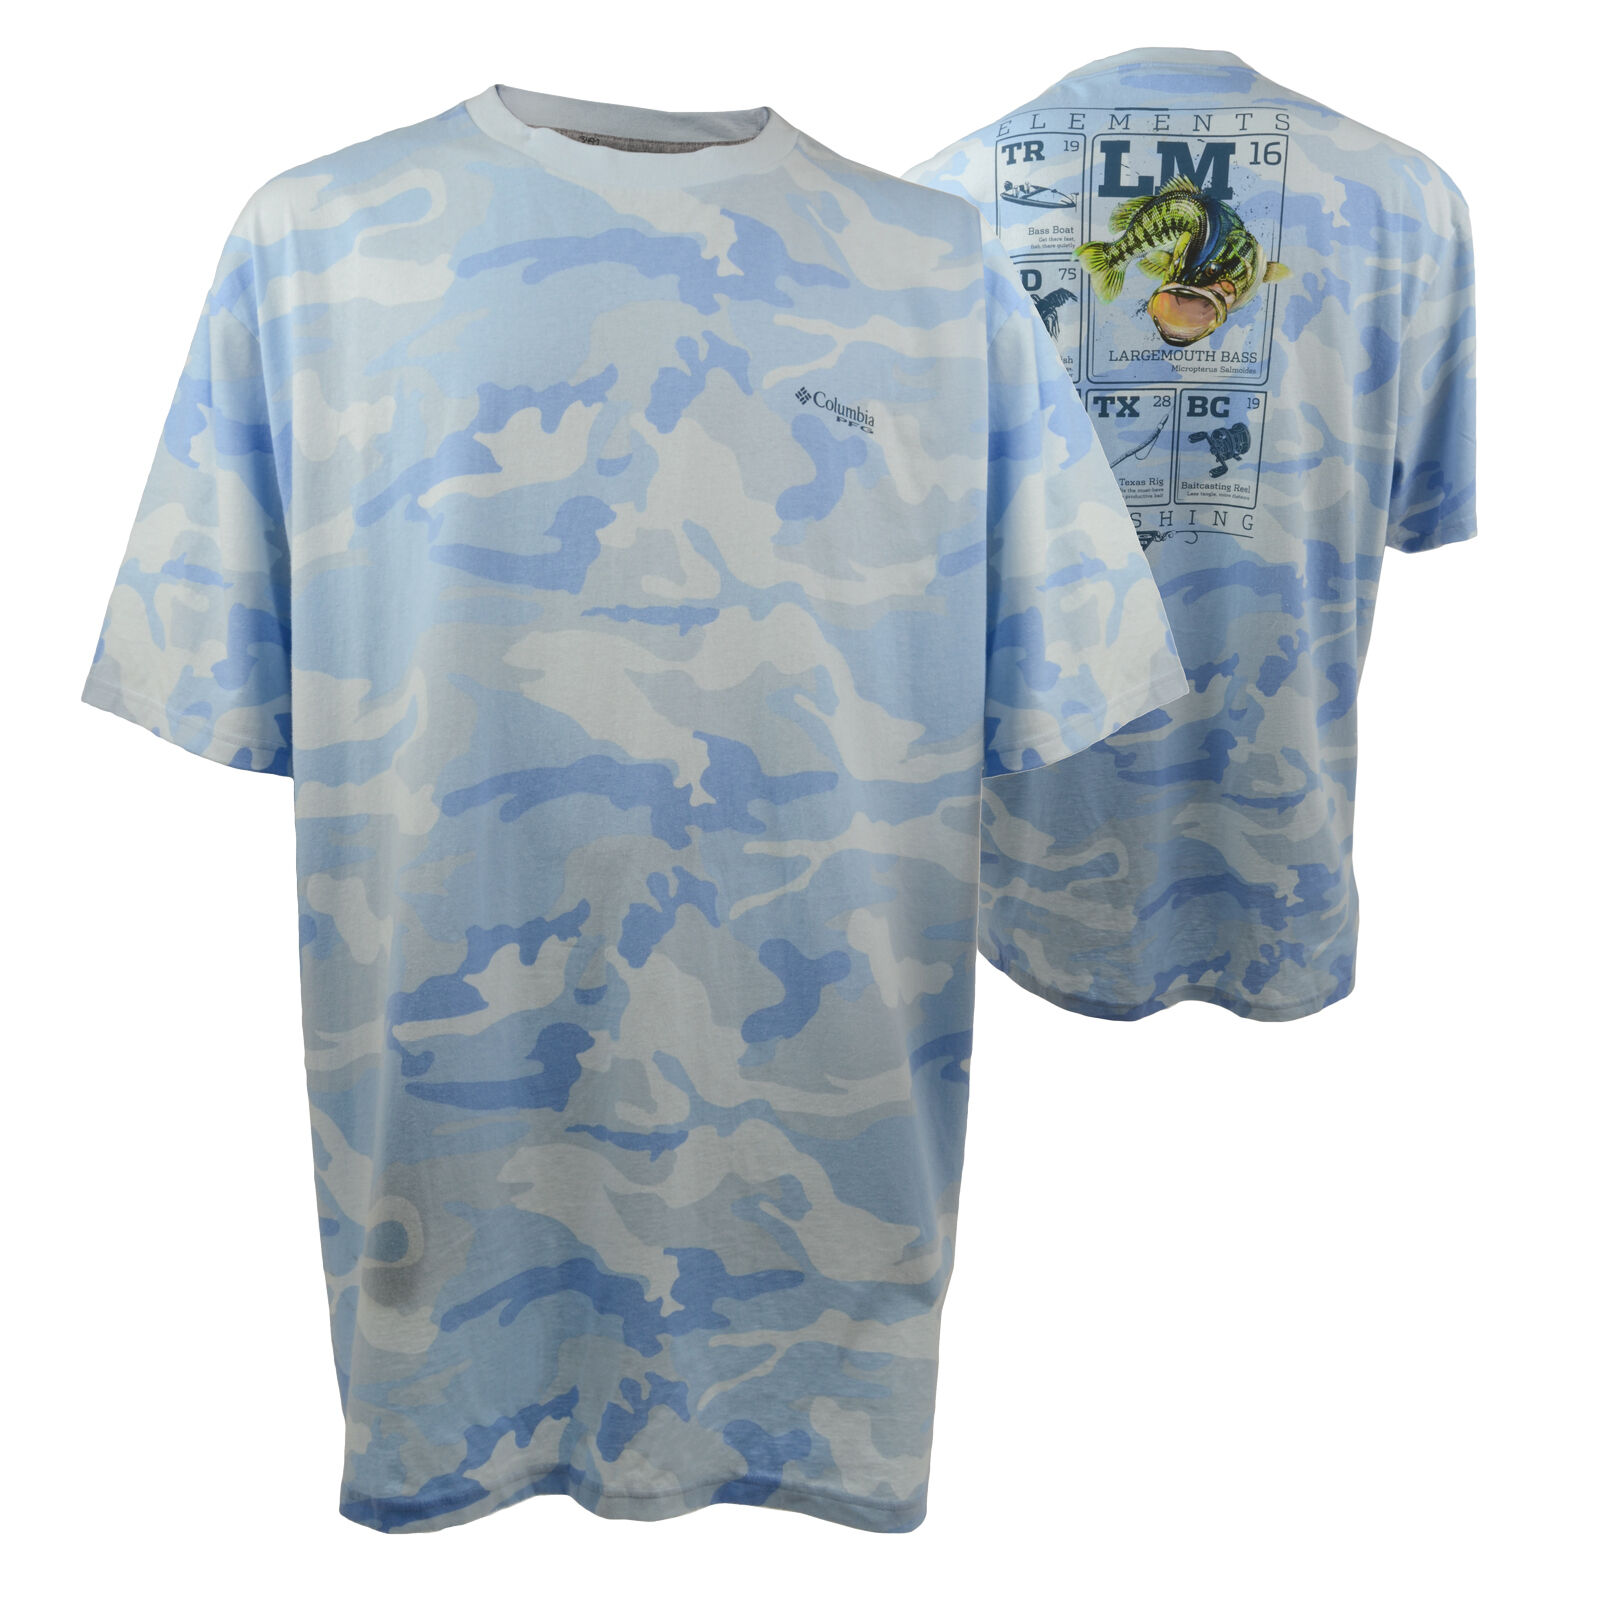 Columbia men 39 s pfg t shirt big n 39 tall size 2xlt 3xlt ebay for Big n tall shirts